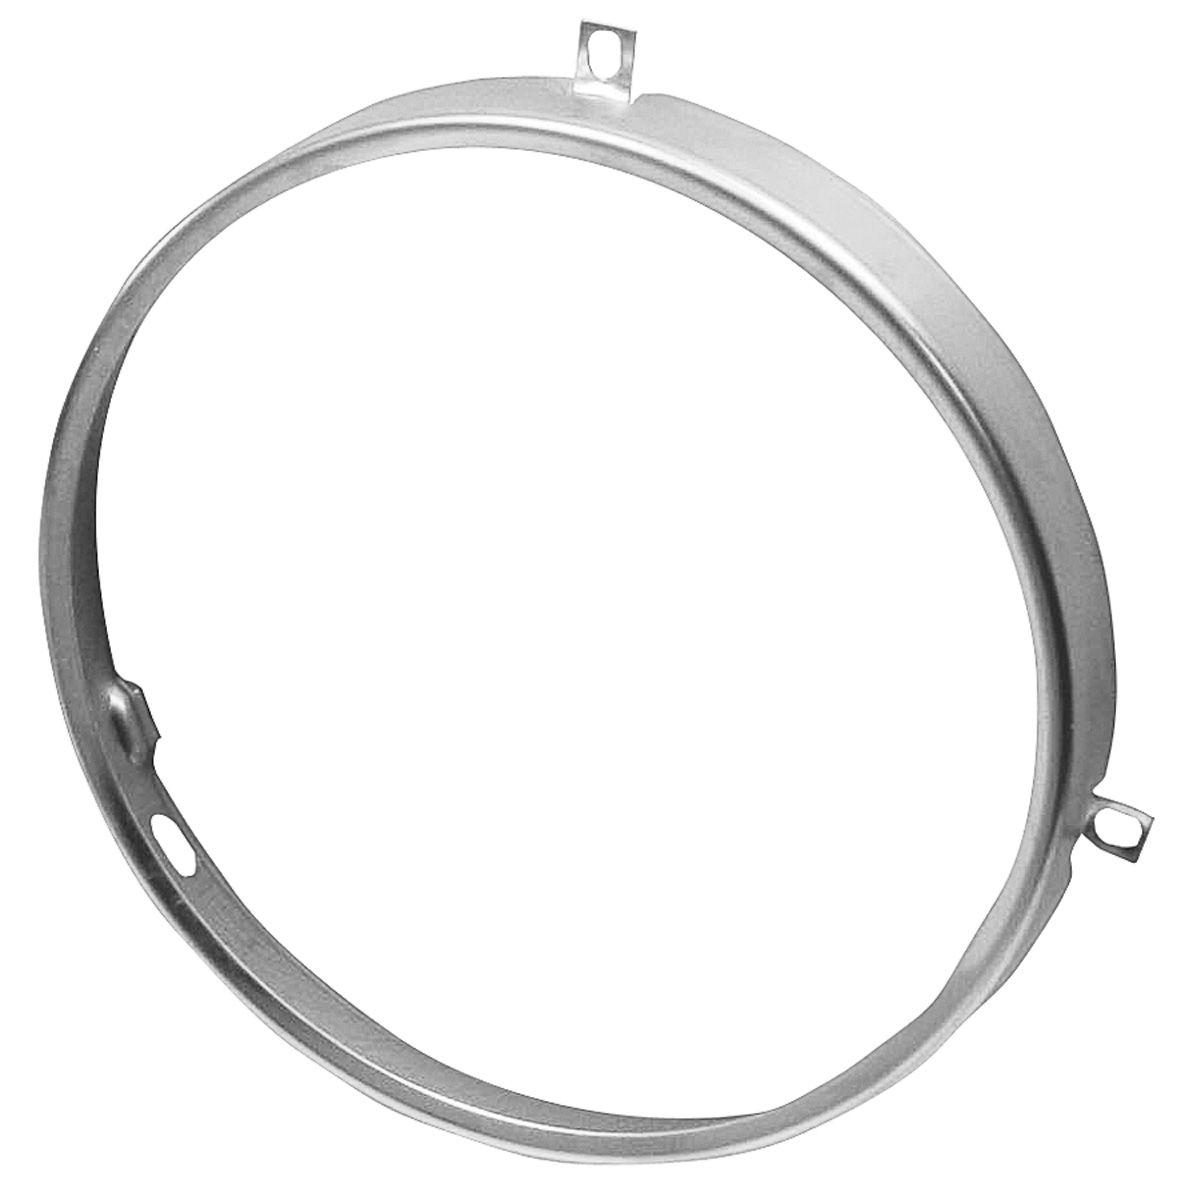 Retaining Ring, Headlight, 1964-70 CH/EC, 1964-72 BOP, 1958-74 Cad